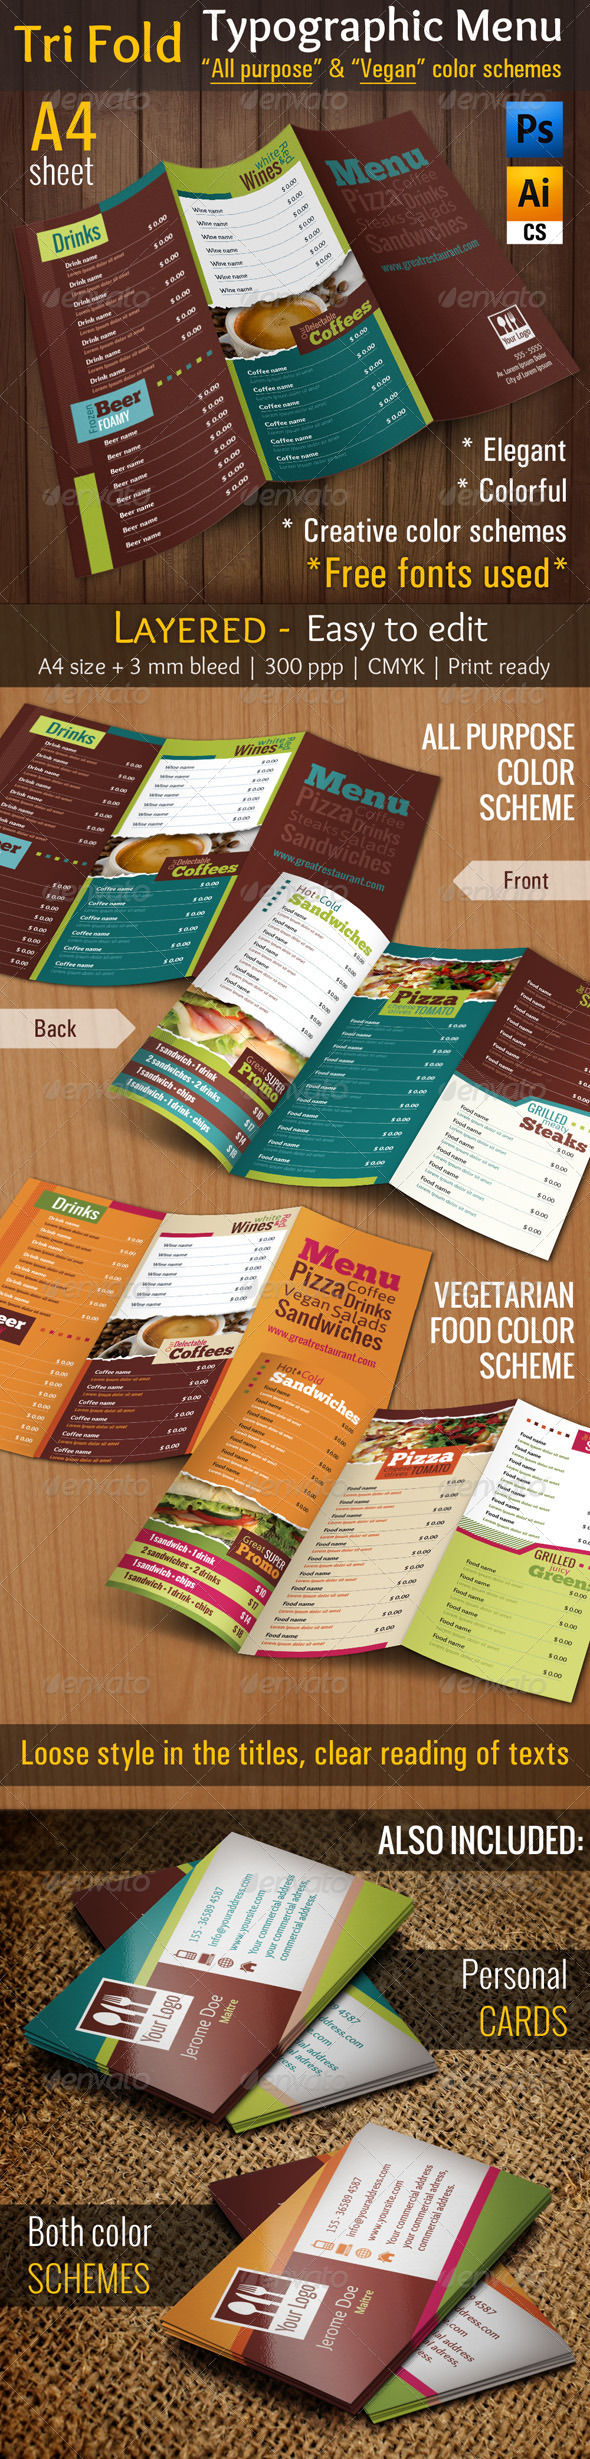 3 Fold Typographic Menu | All Purpose & Vegan Food - Food Menus Print Templates